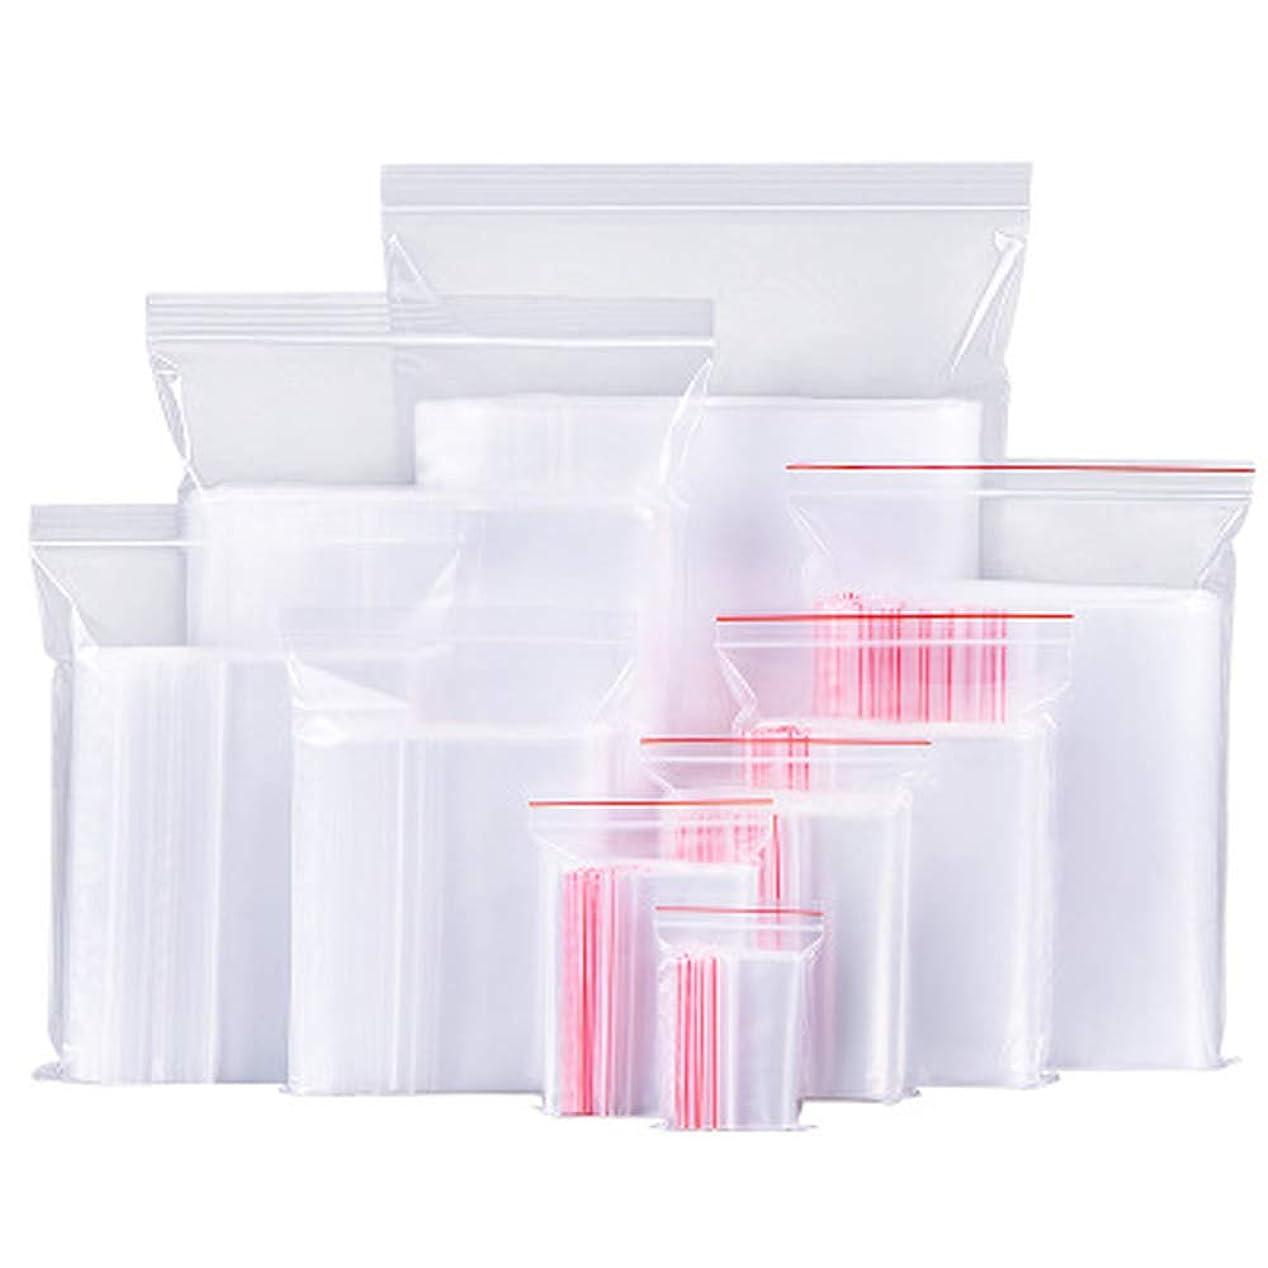 星姓円形の100ピースホワイト透明反復可能ジッパージッパープラスチックジップロックバッグジッパーロック再ロック可能なビニール袋 (クリア)